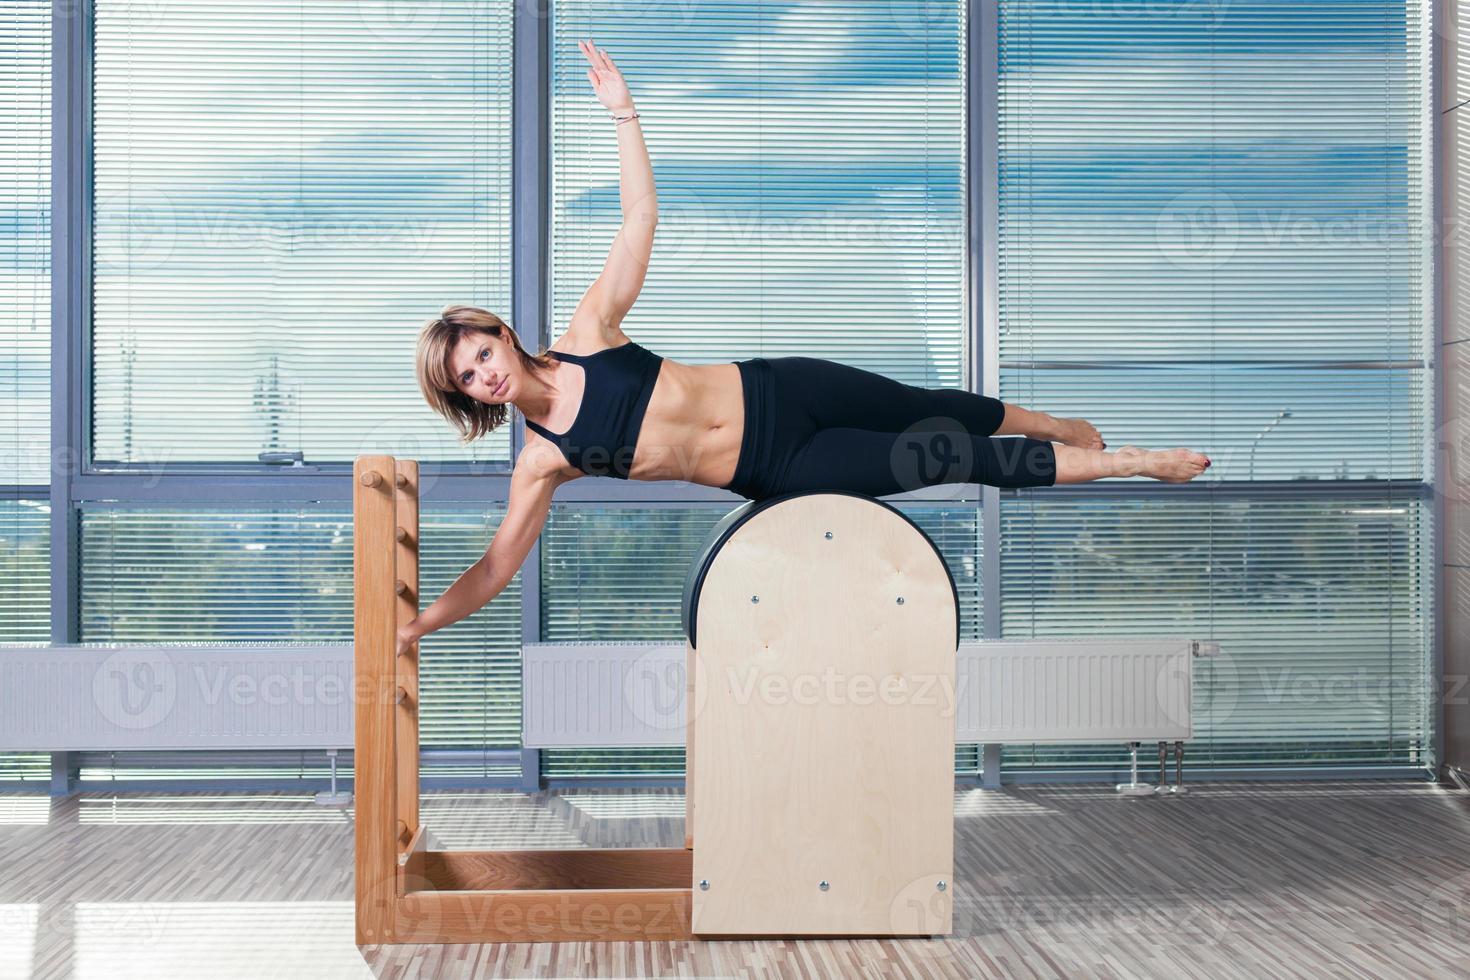 conceito de pilates, fitness, esporte, treinamento e pessoas - mulher sorridente foto